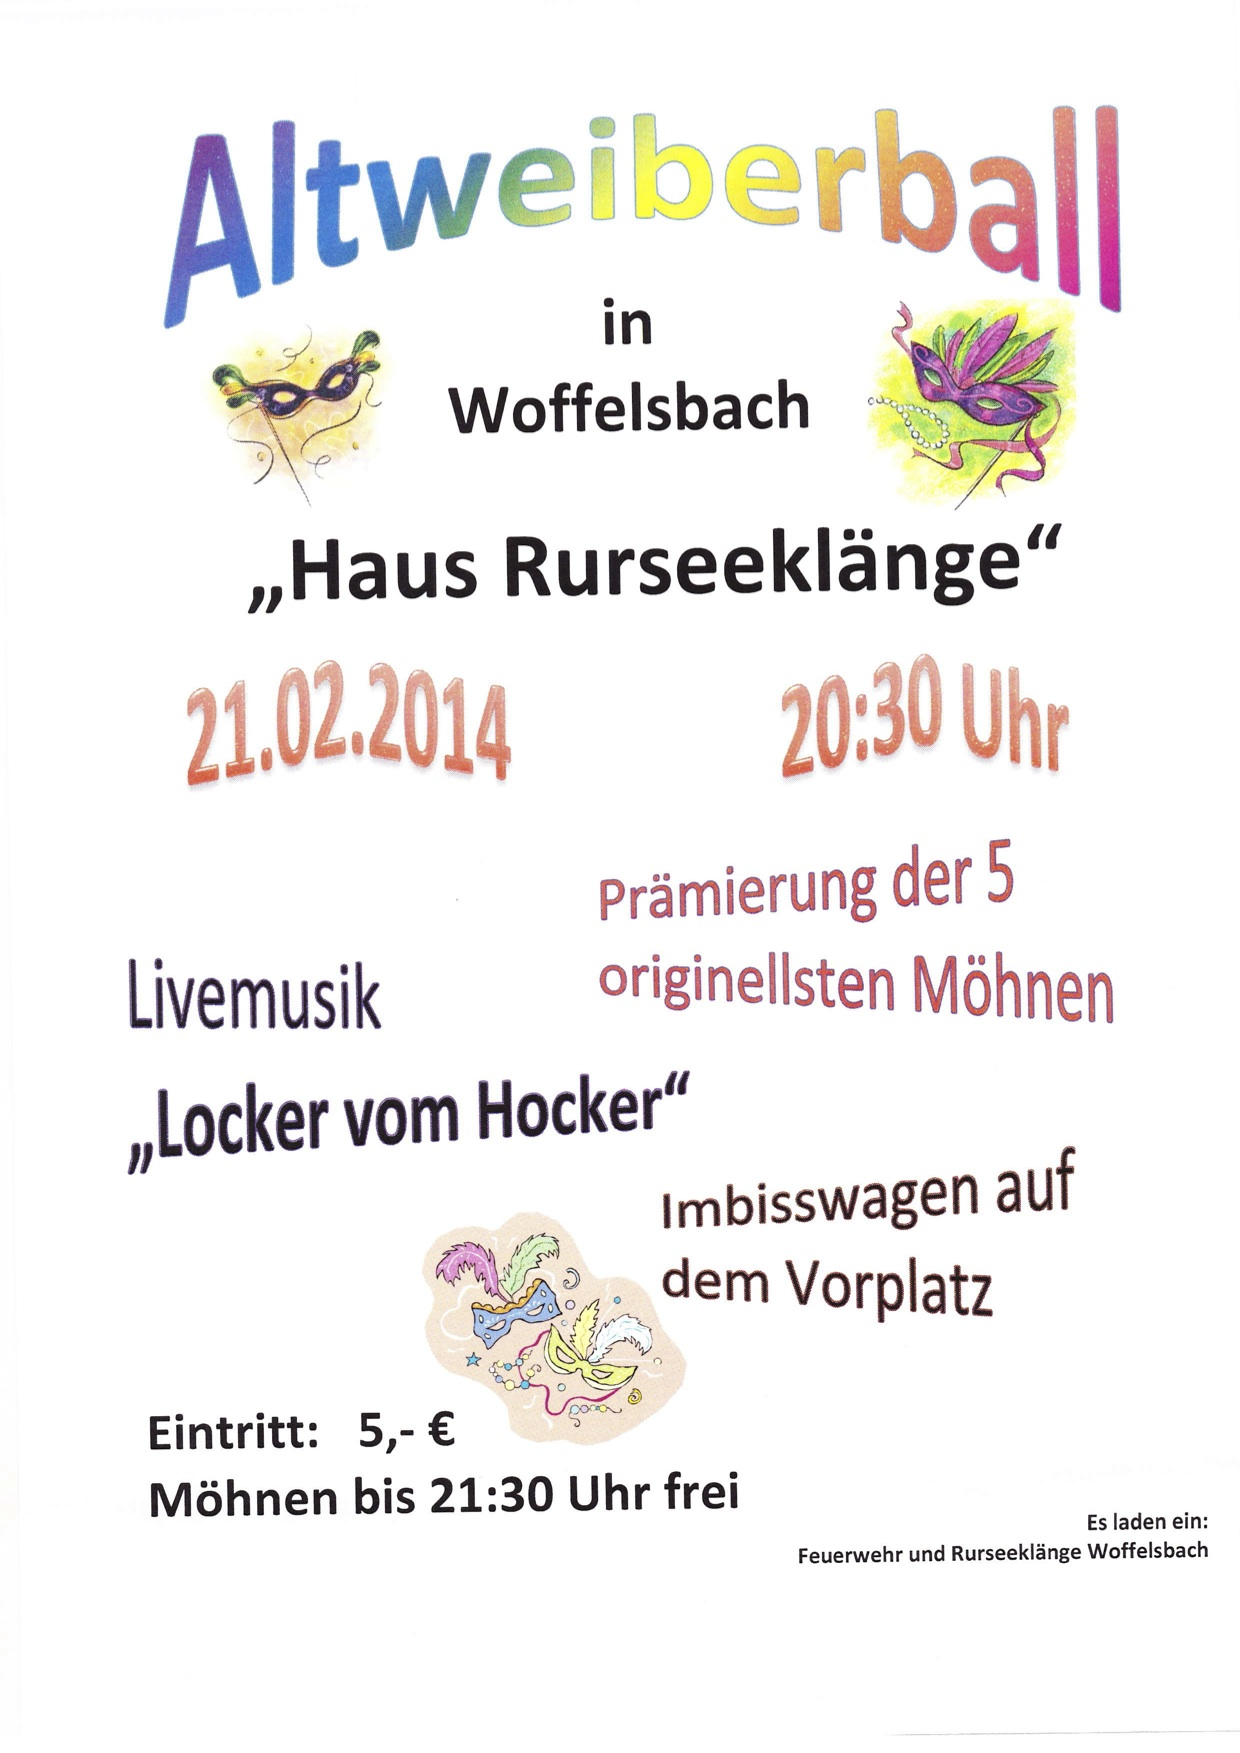 2014_02_11 Altweiberball Woffelsbach